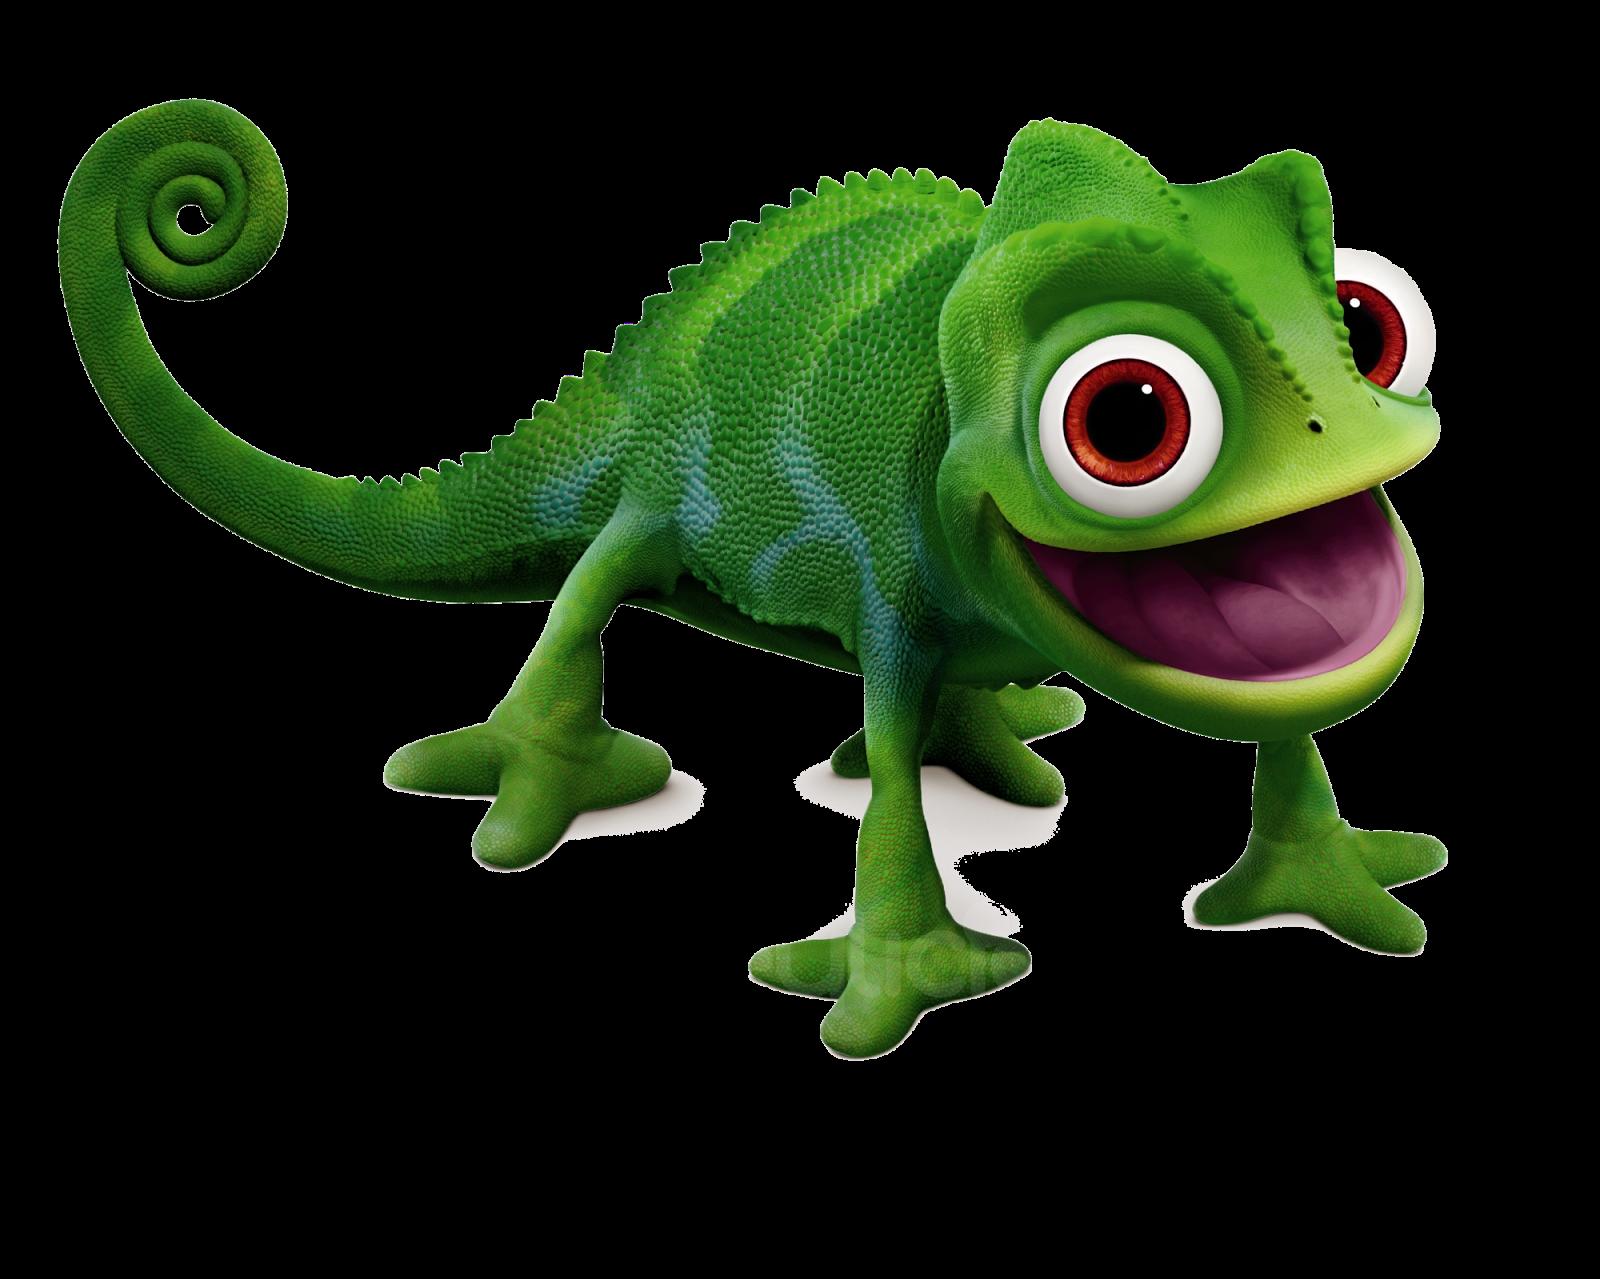 Iguana clipart chameleon. Inspira es para quem